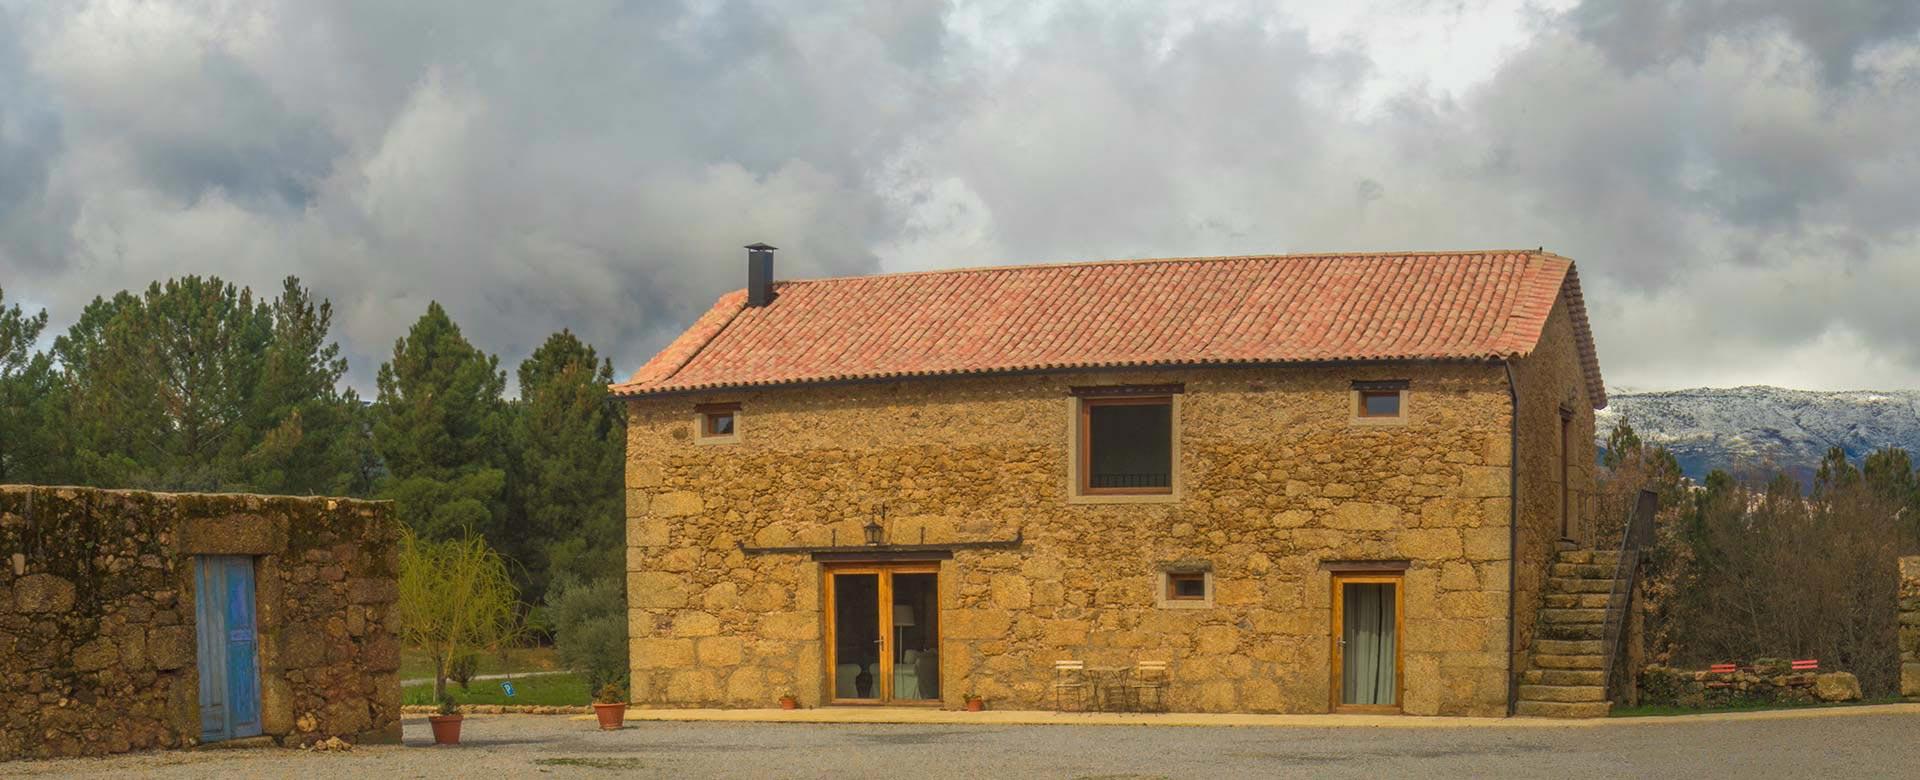 Quinta-de-Seves-Slider-Casa-Lado0a